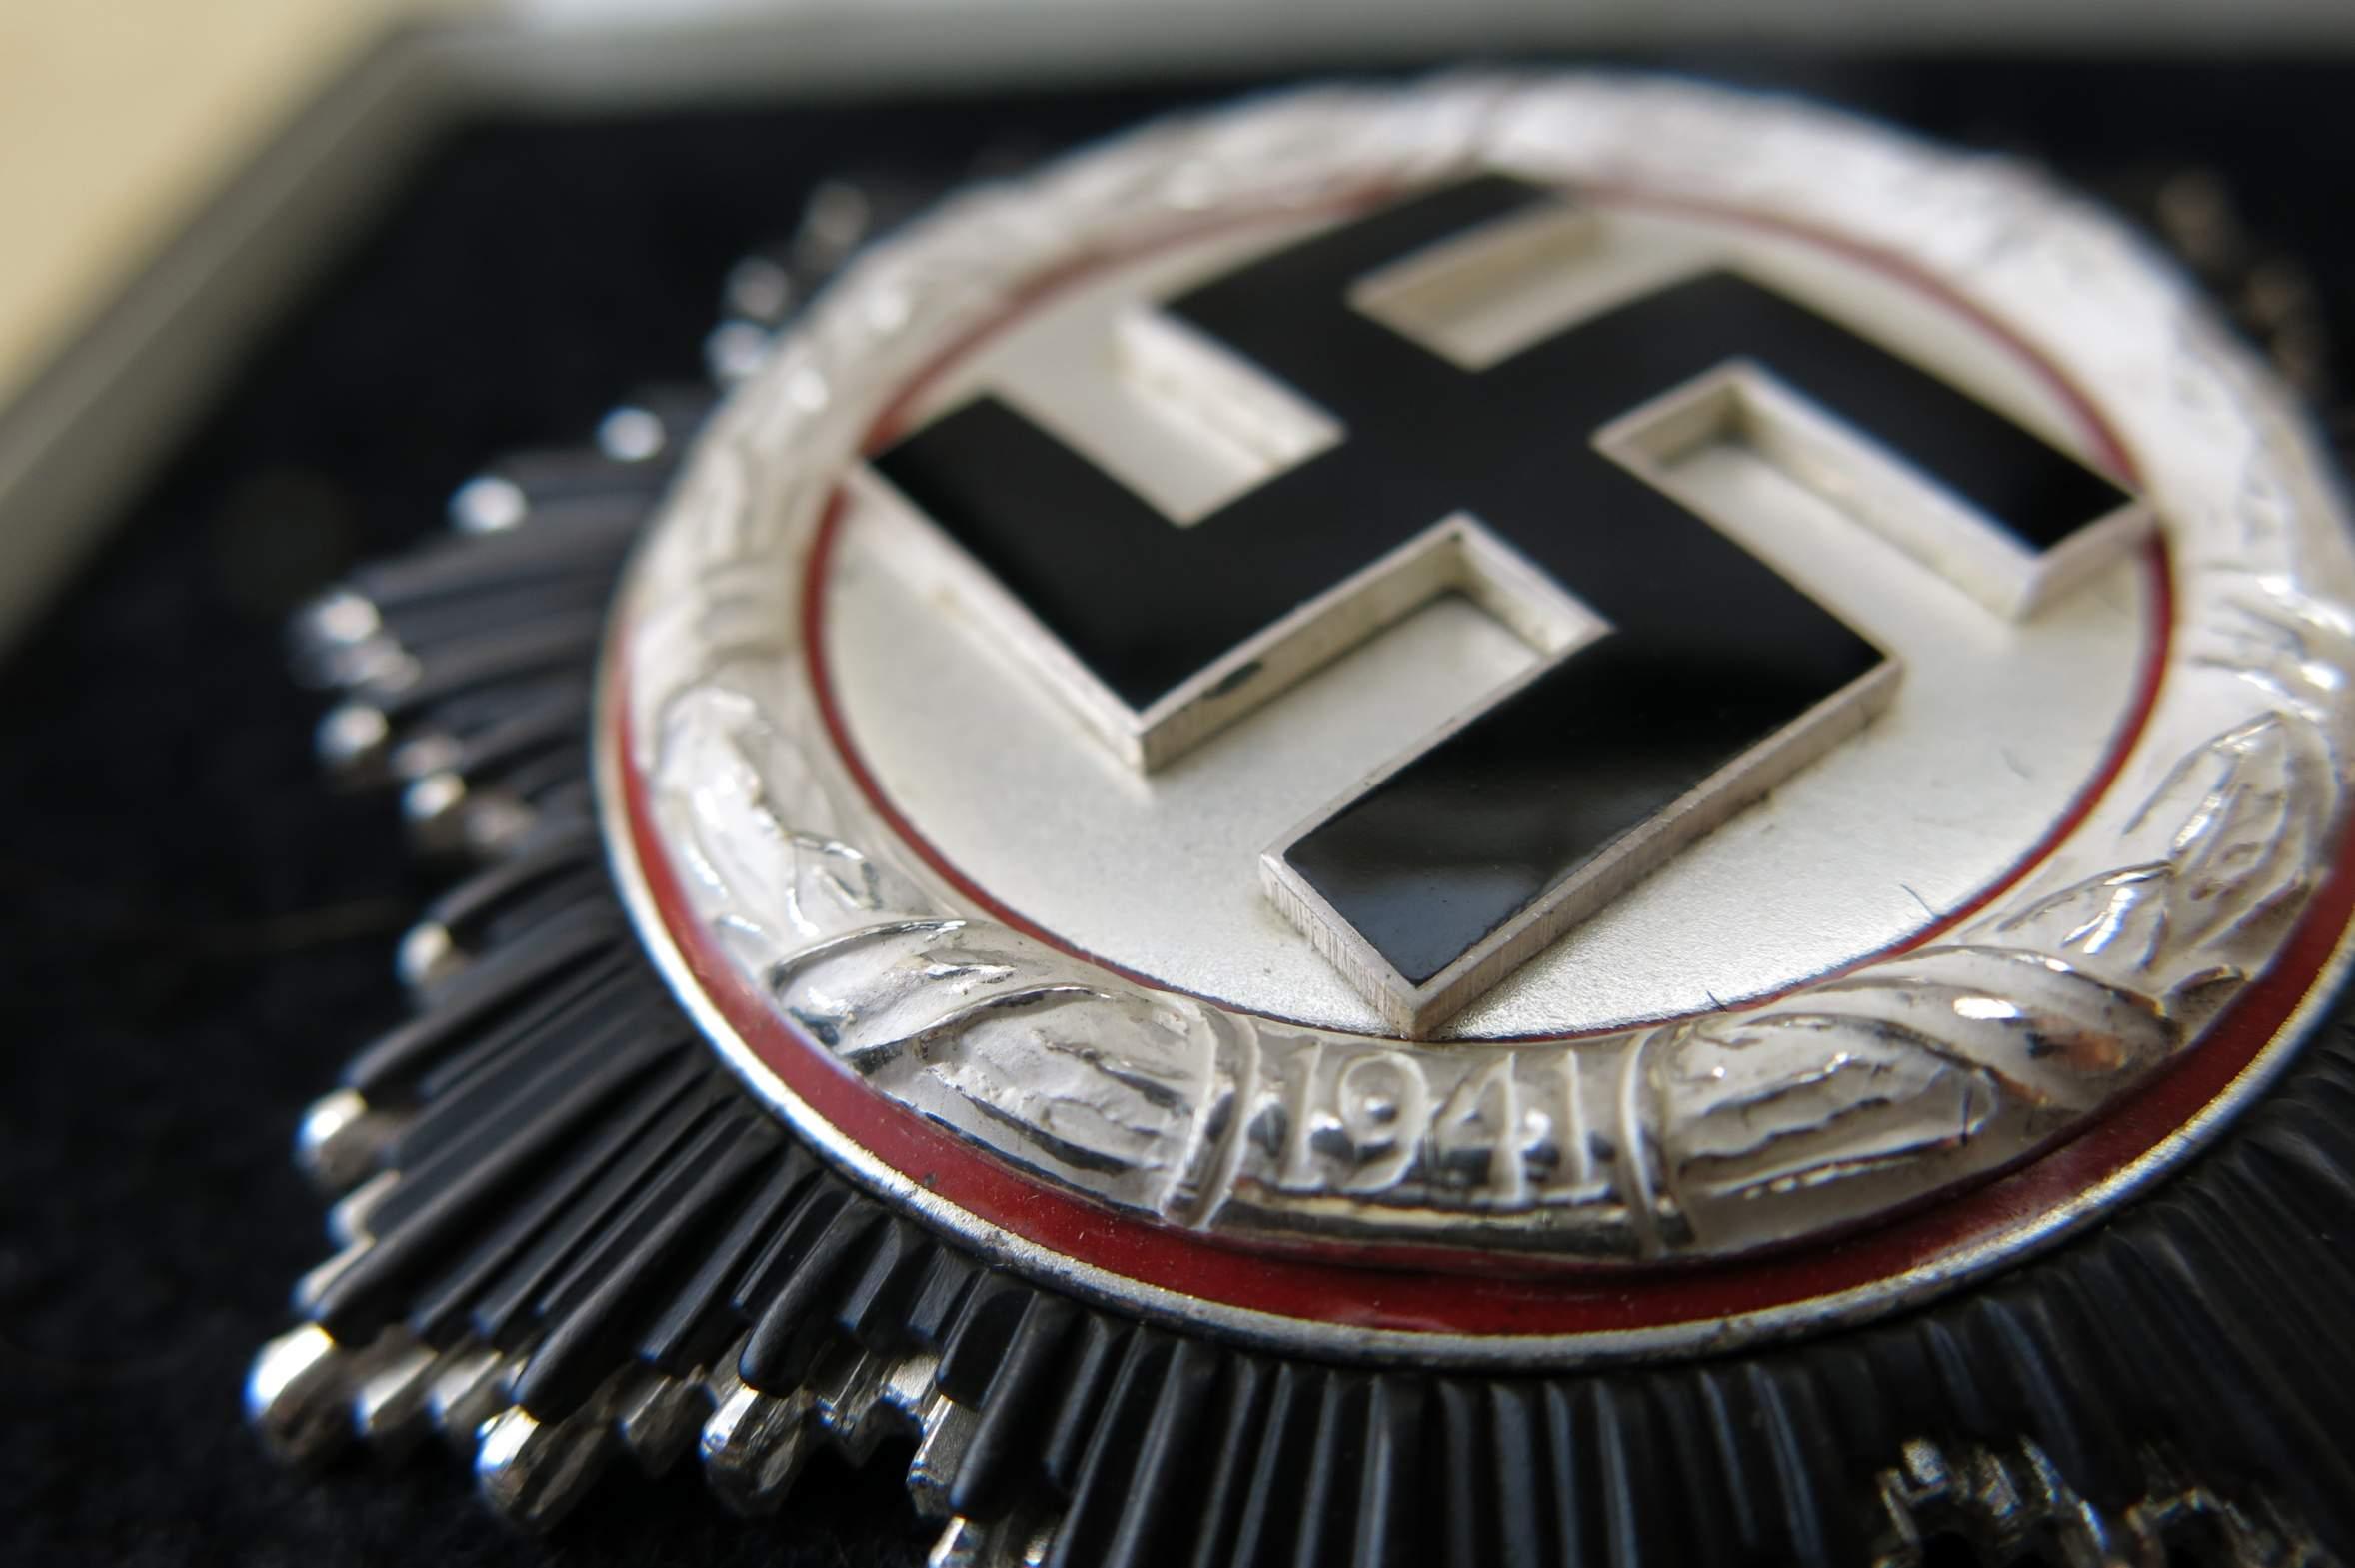 750087d1412771410-deutsches-kreuz-silber-zimmerman-andrew-b-006 Verwunderlich Reich Werden Mit Silber Dekorationen